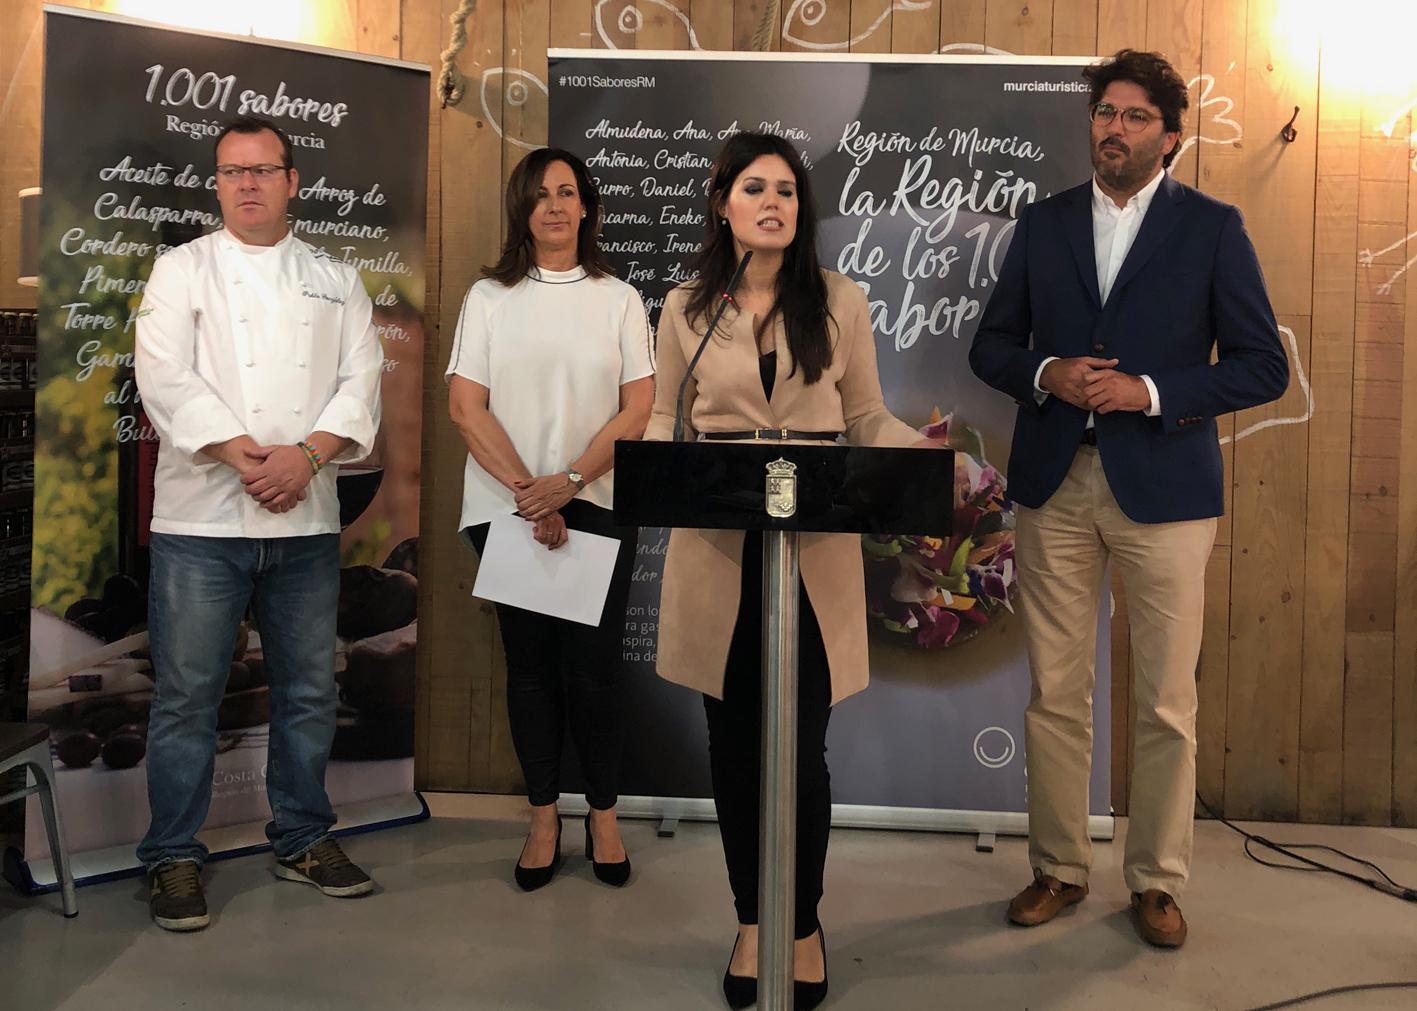 La consejera Miriam Guardiola, anuncia las becas en presencia de Pablo Gpnzález, Carmen Reverte y Manuel Fernández Delgado.